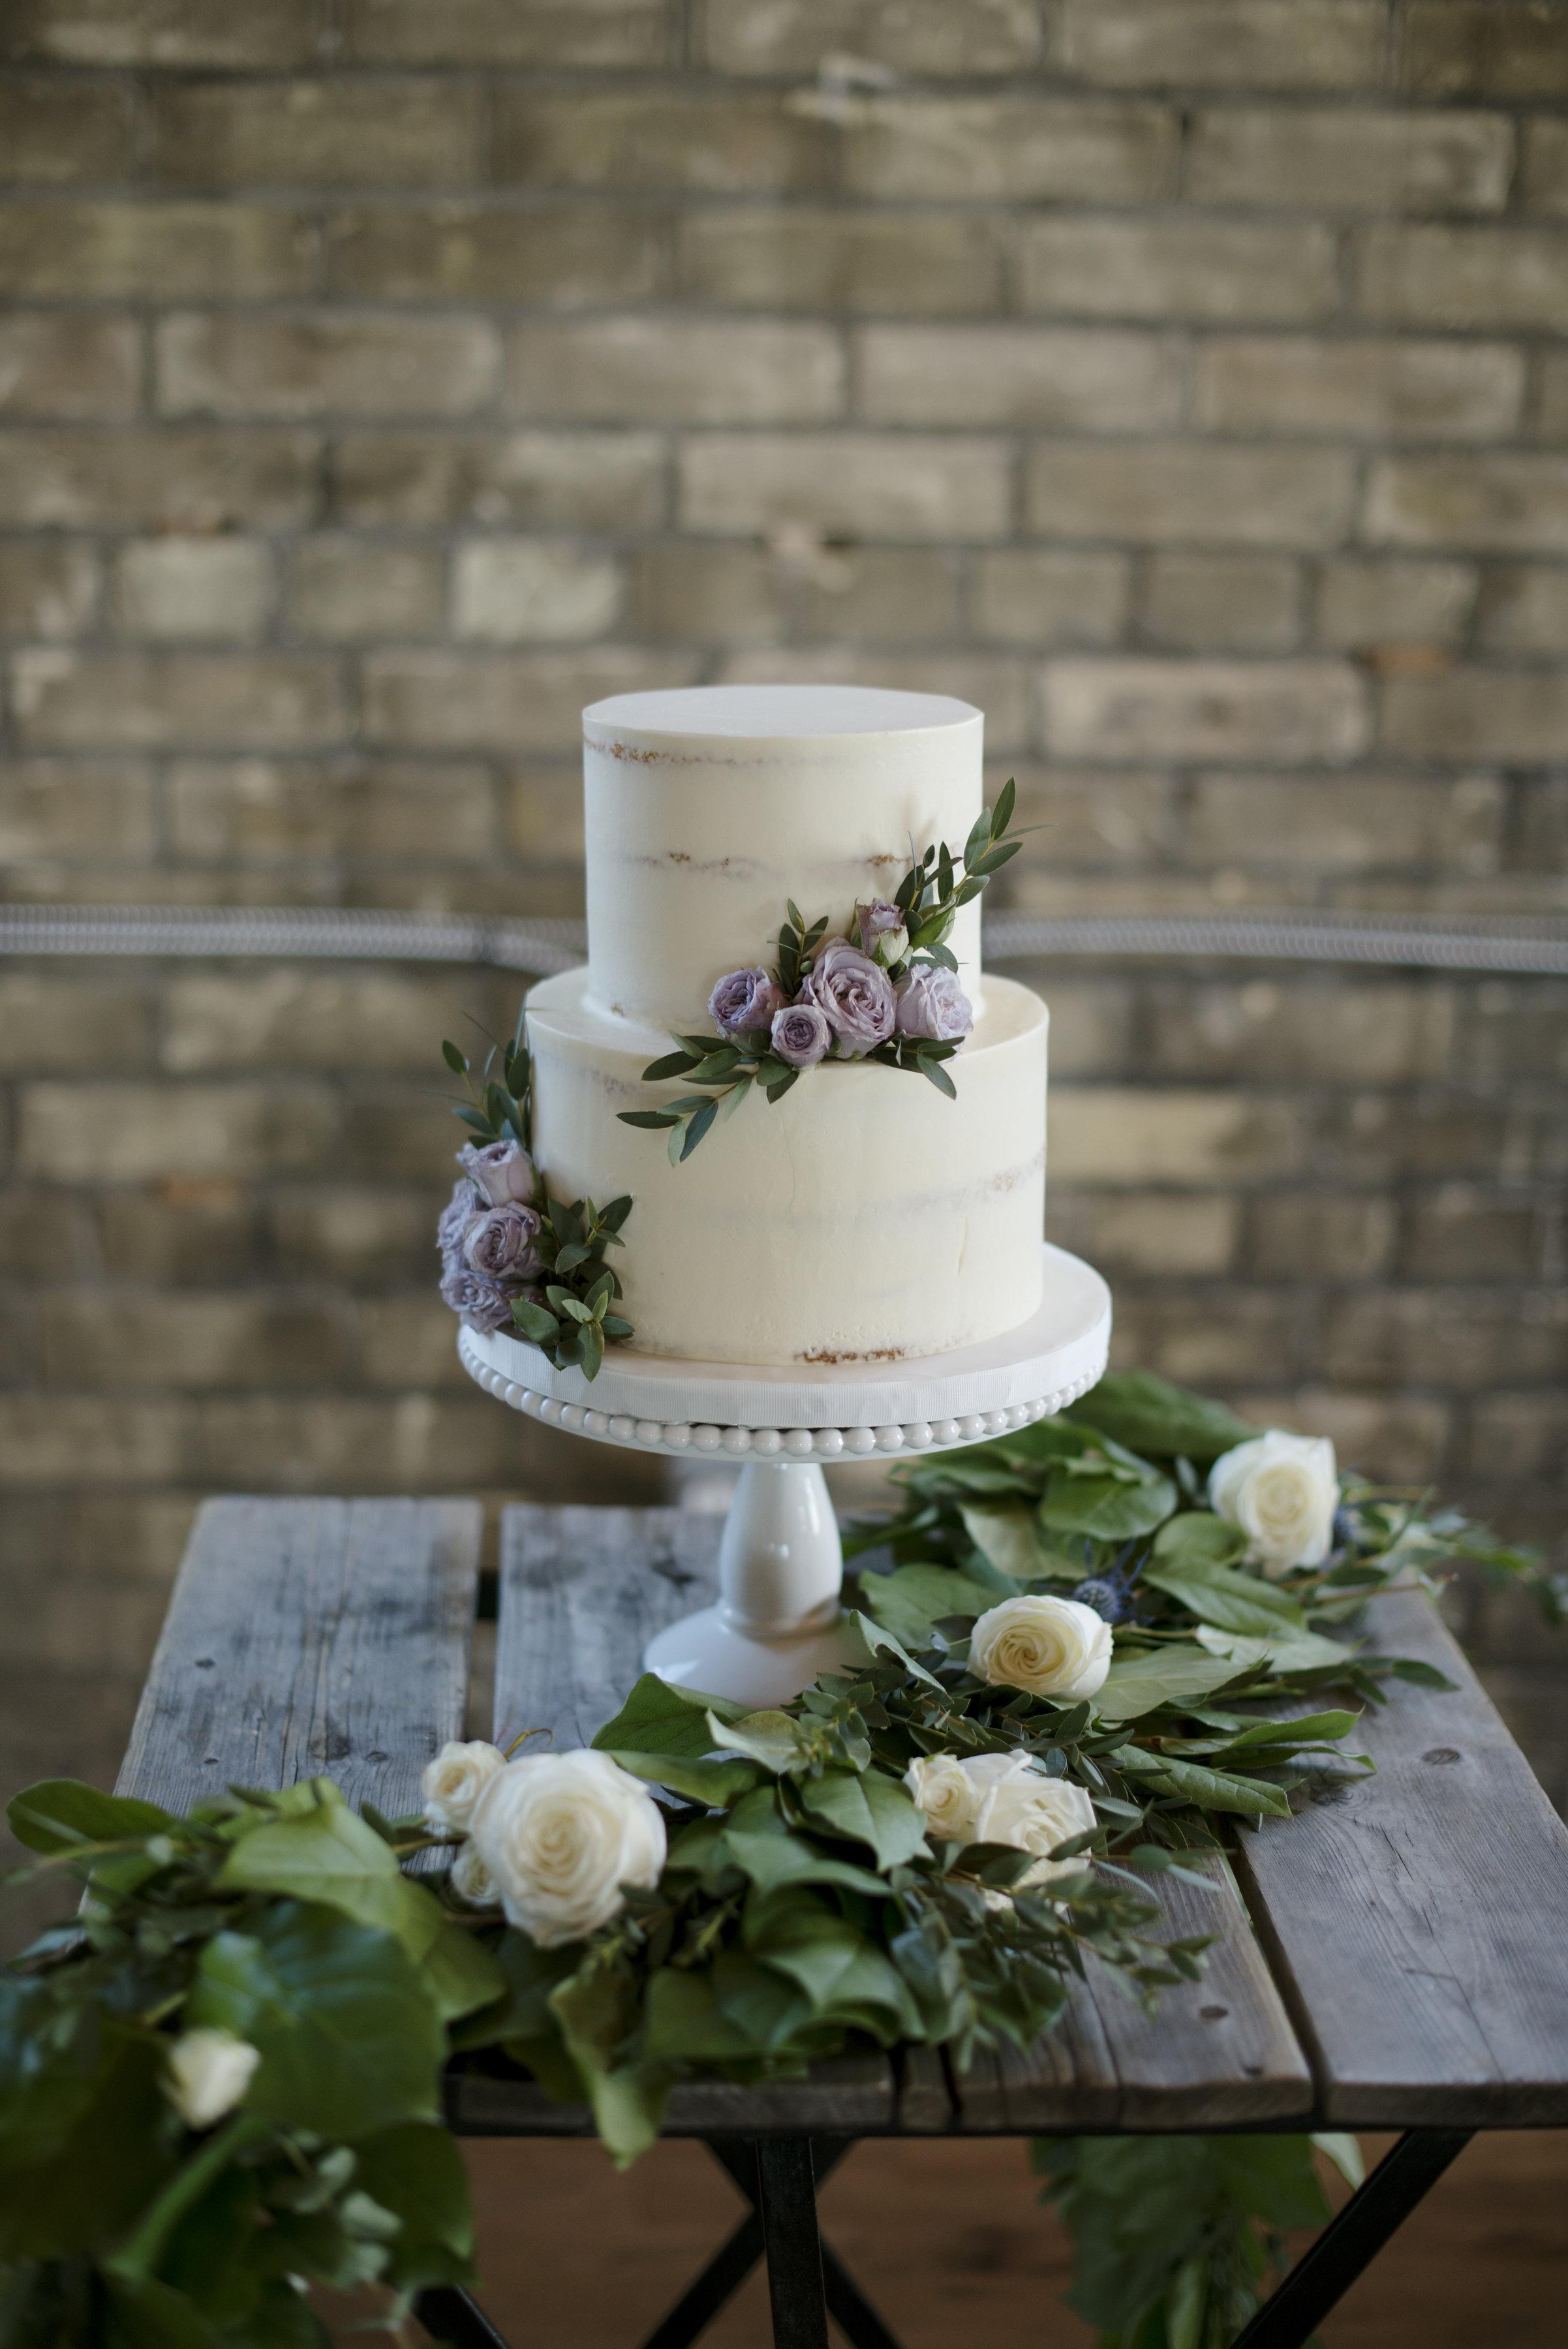 RosewoodWeddingPhotos-StyledShoot-LeDolci-WeddingCake-2.JPG